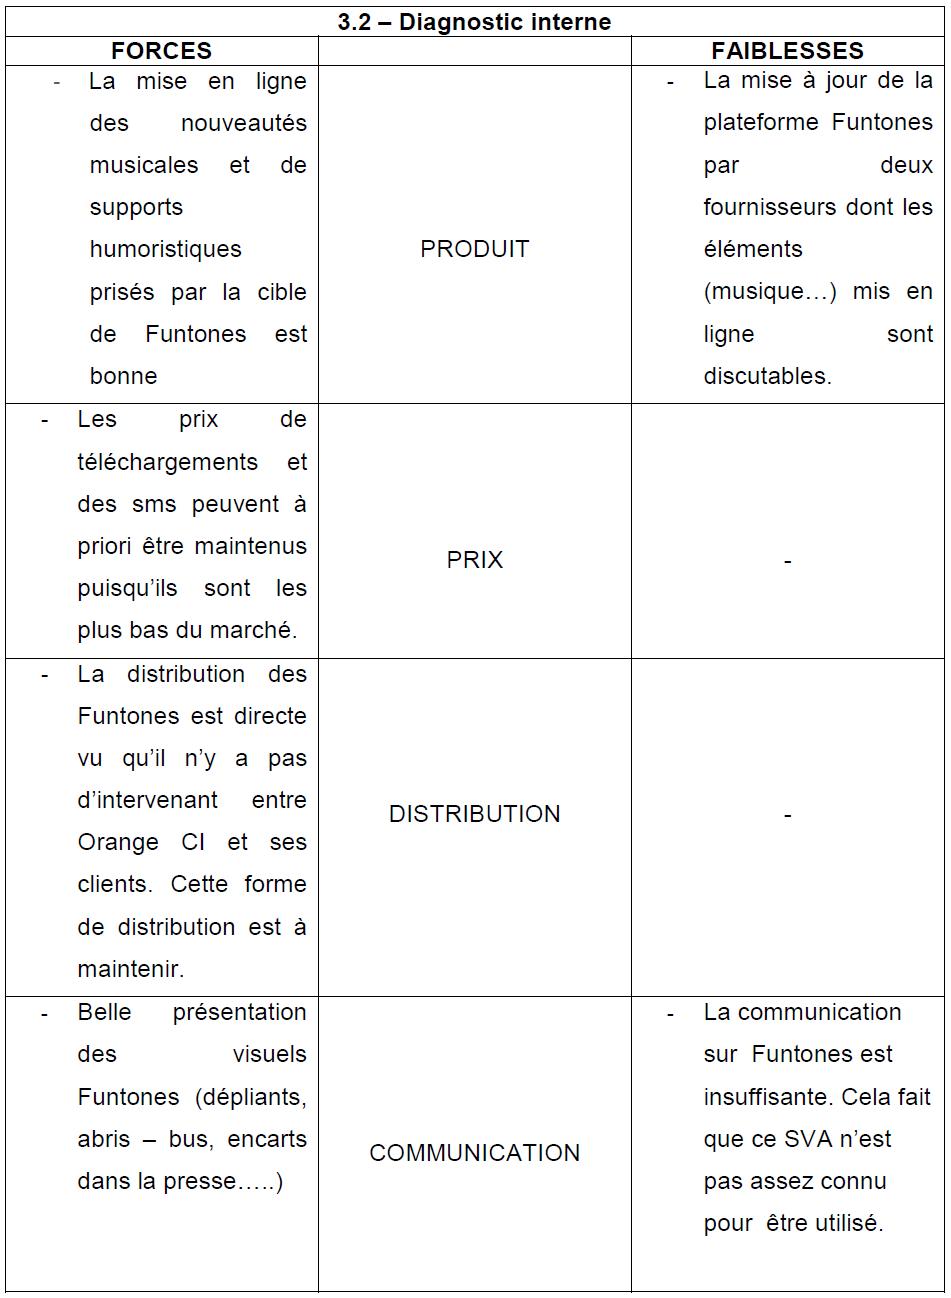 Tableau 19 Stratégie Marketing pour une vente efficiente de Funtones d'Orange Côte d'Ivoire